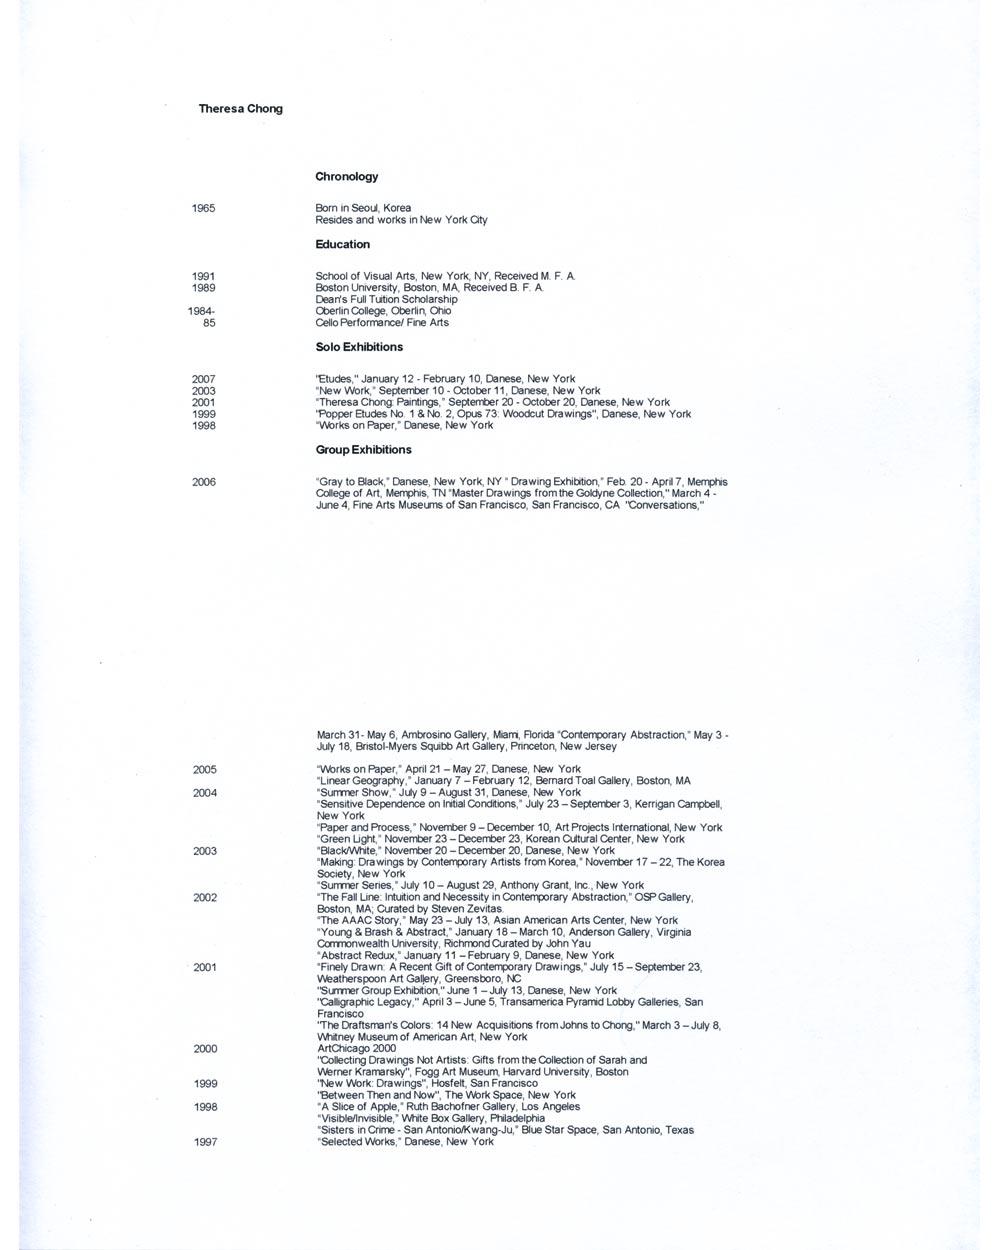 Theresa Chong's Resume, pg 1